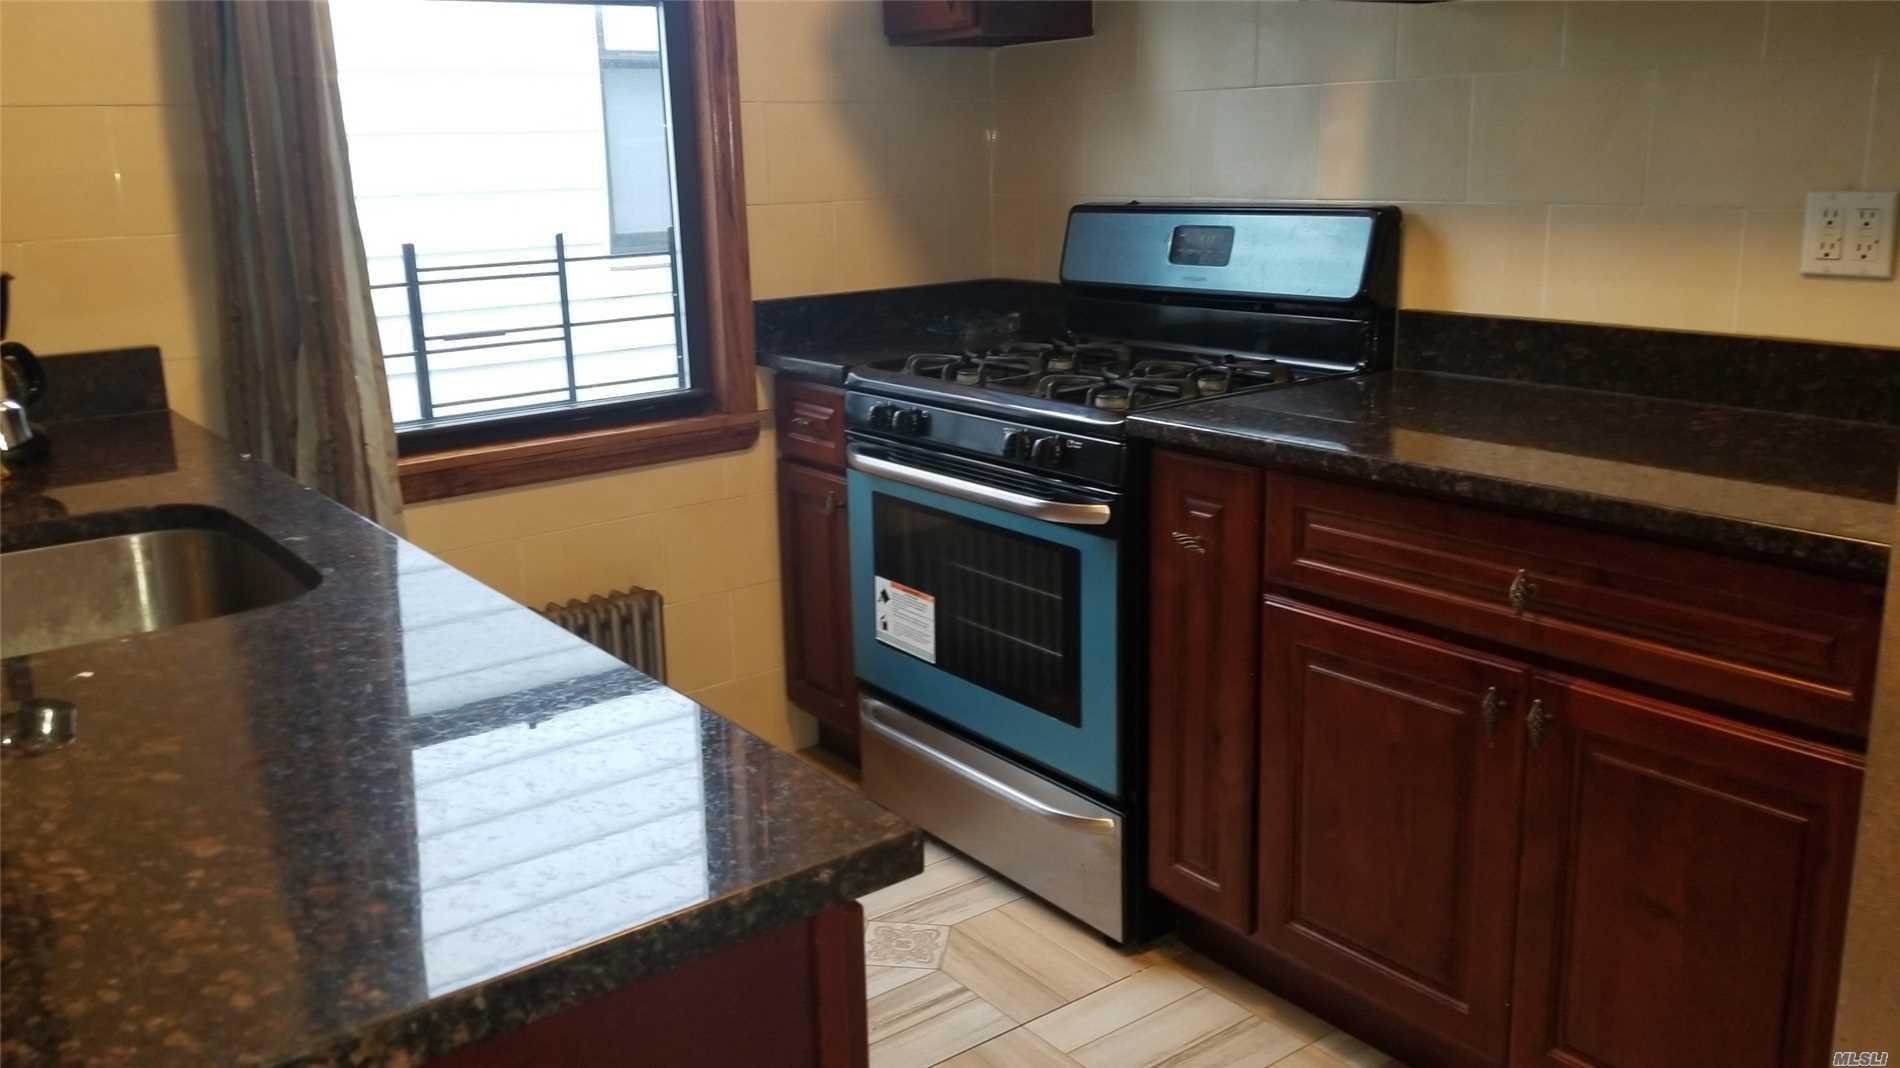 2-Bedroom, Living Room, Eff Kitchen, Full Bath, Walk To Public Transportation, Schools, Park, Queens Center Mall